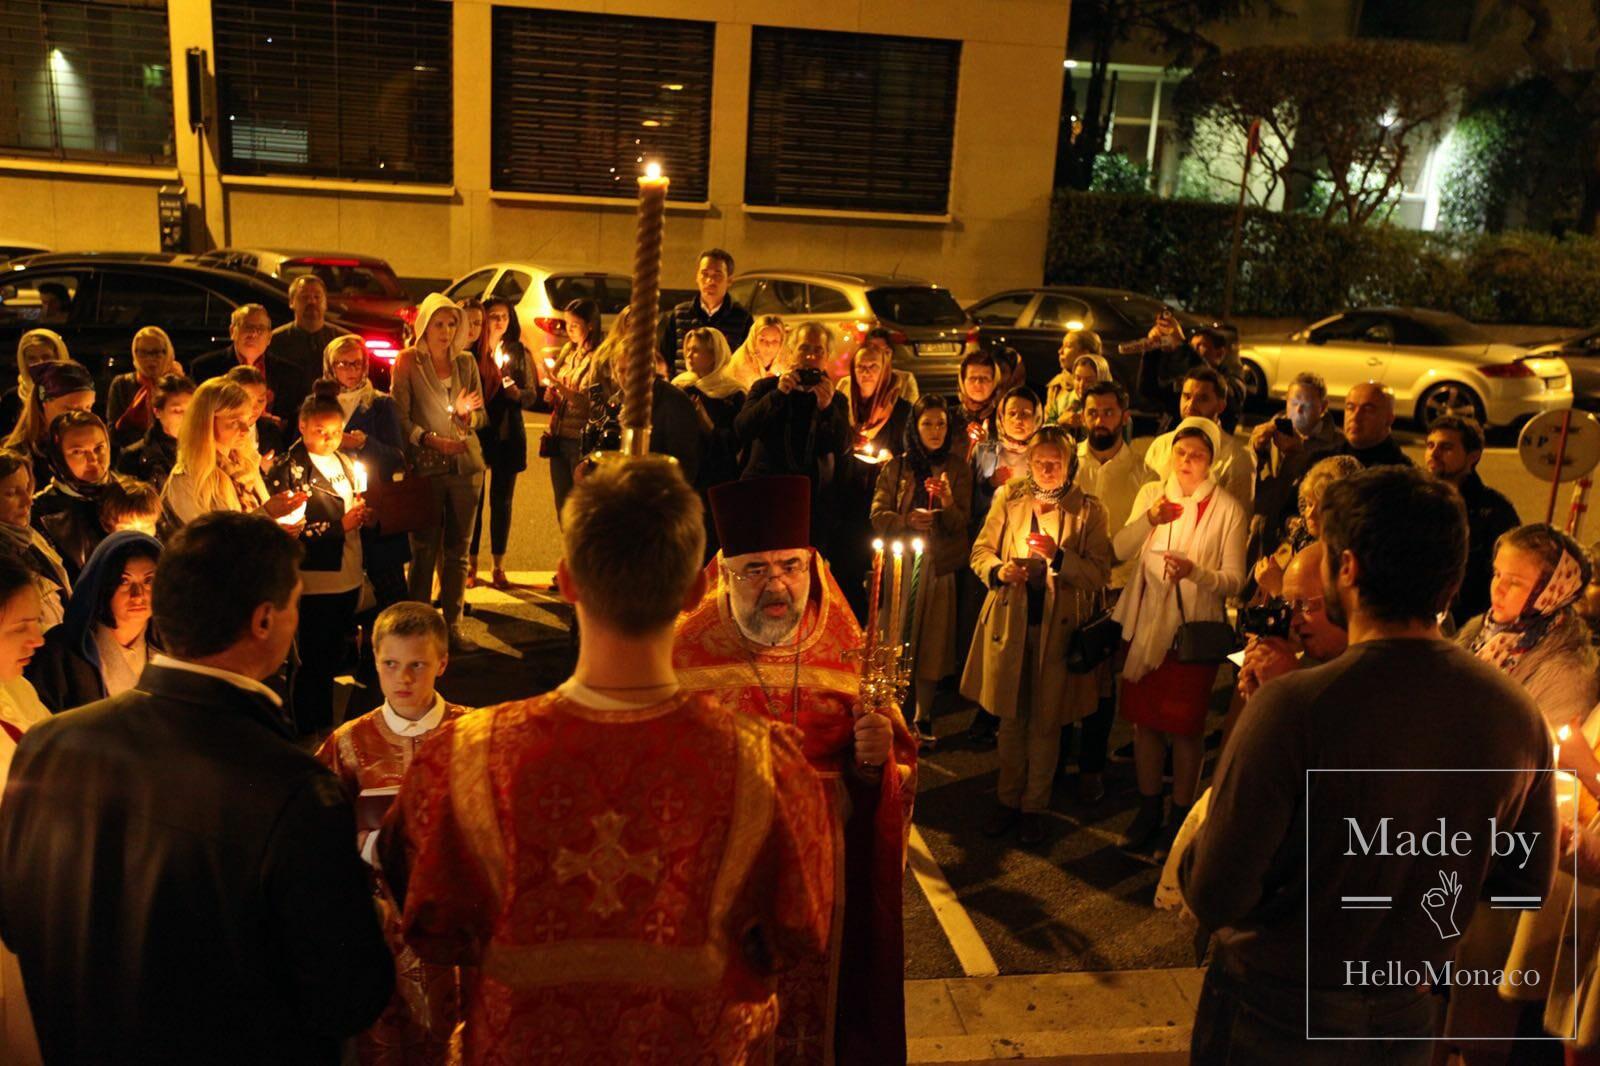 Православный приход открылся в Монако: интервью с основателями